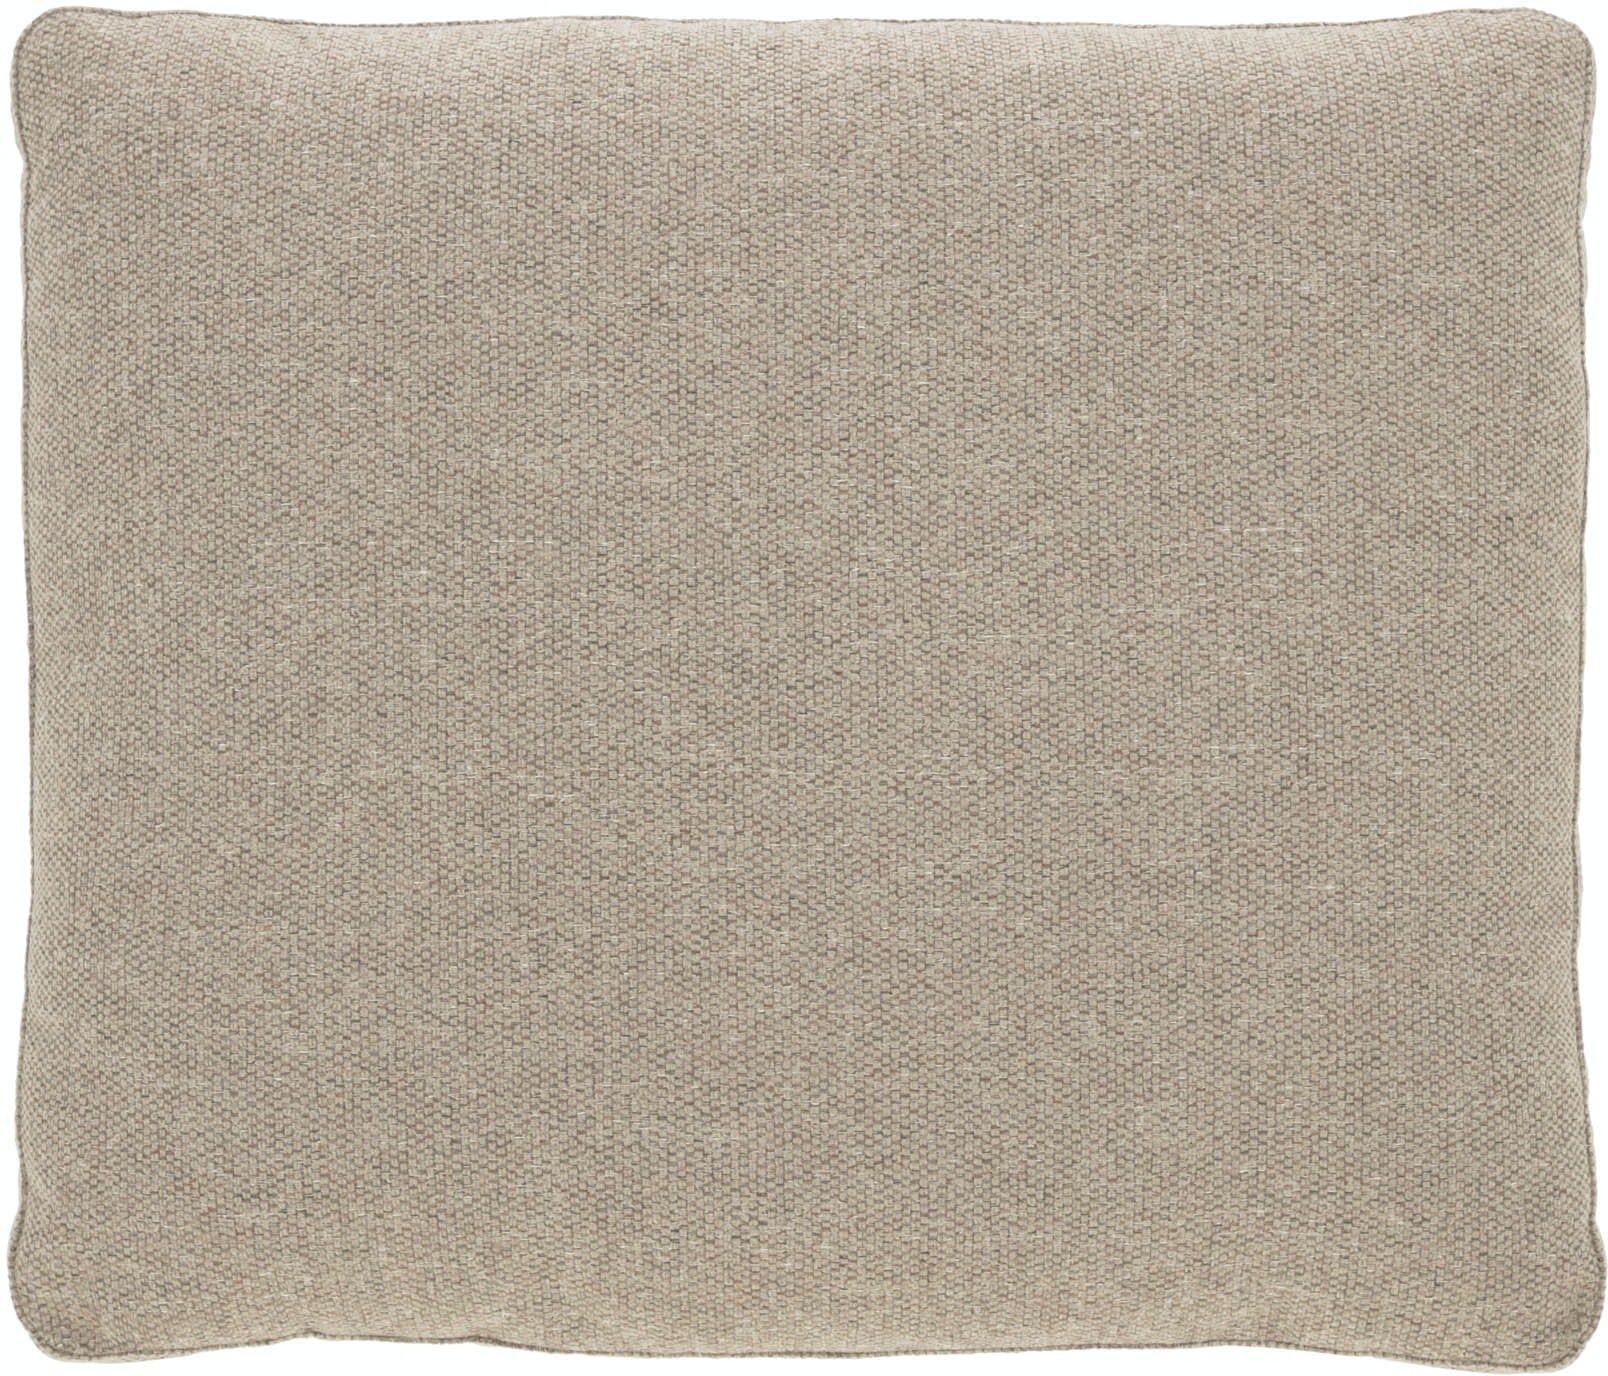 Køb Blok, Sofa tilbehørspude, Stof by LaForma (H: 50 cm. B: 60 cm. L: 15 cm., Beige)